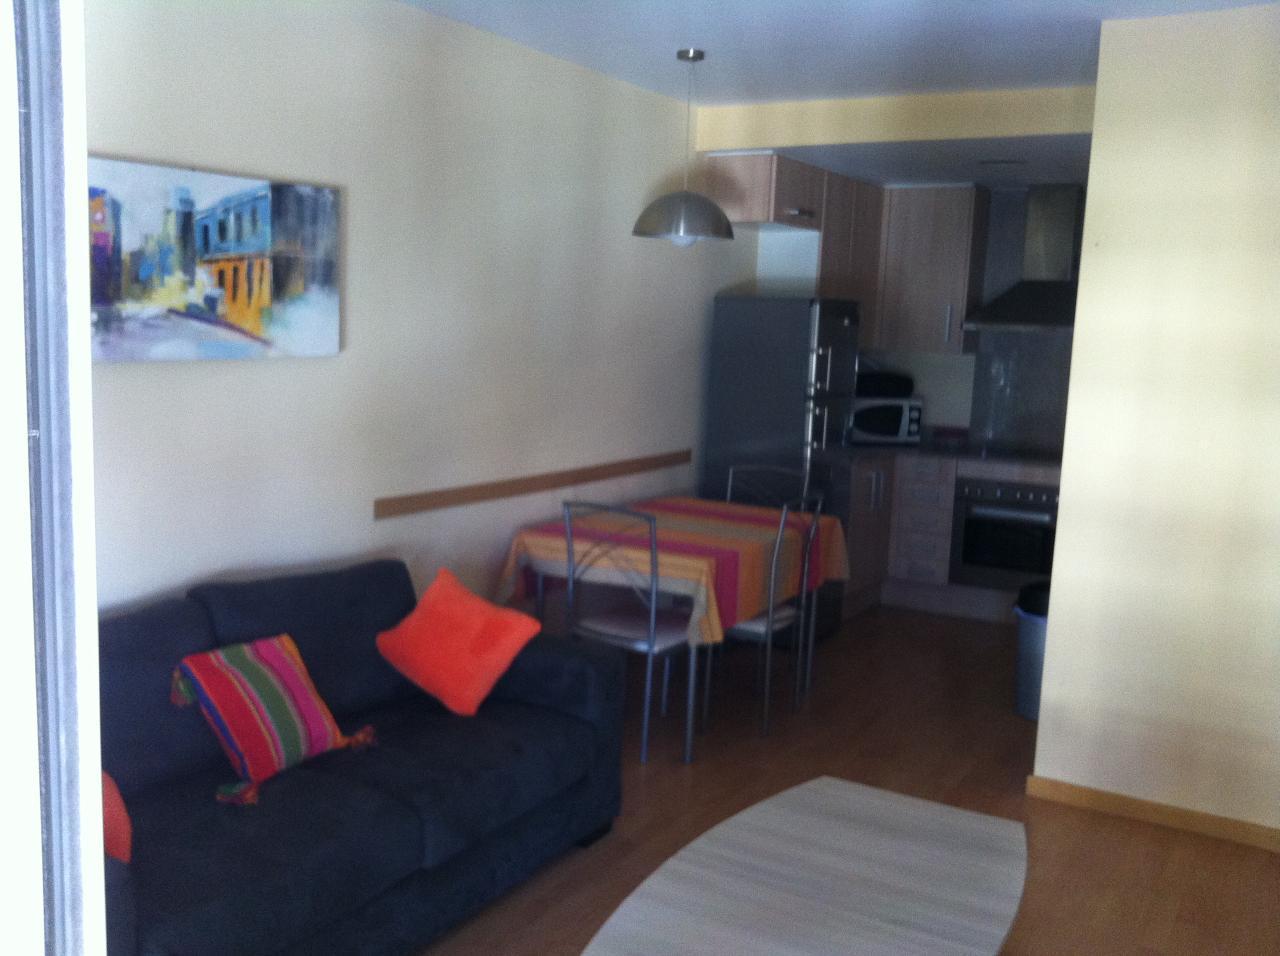 Ferienwohnung Wohnung in Neubau, sehr gut ausgestattet und praktisch, mit Klimaanlage Gemeinschaftspool  (2329141), Rosas (Costa Brava), Costa Brava, Katalonien, Spanien, Bild 2